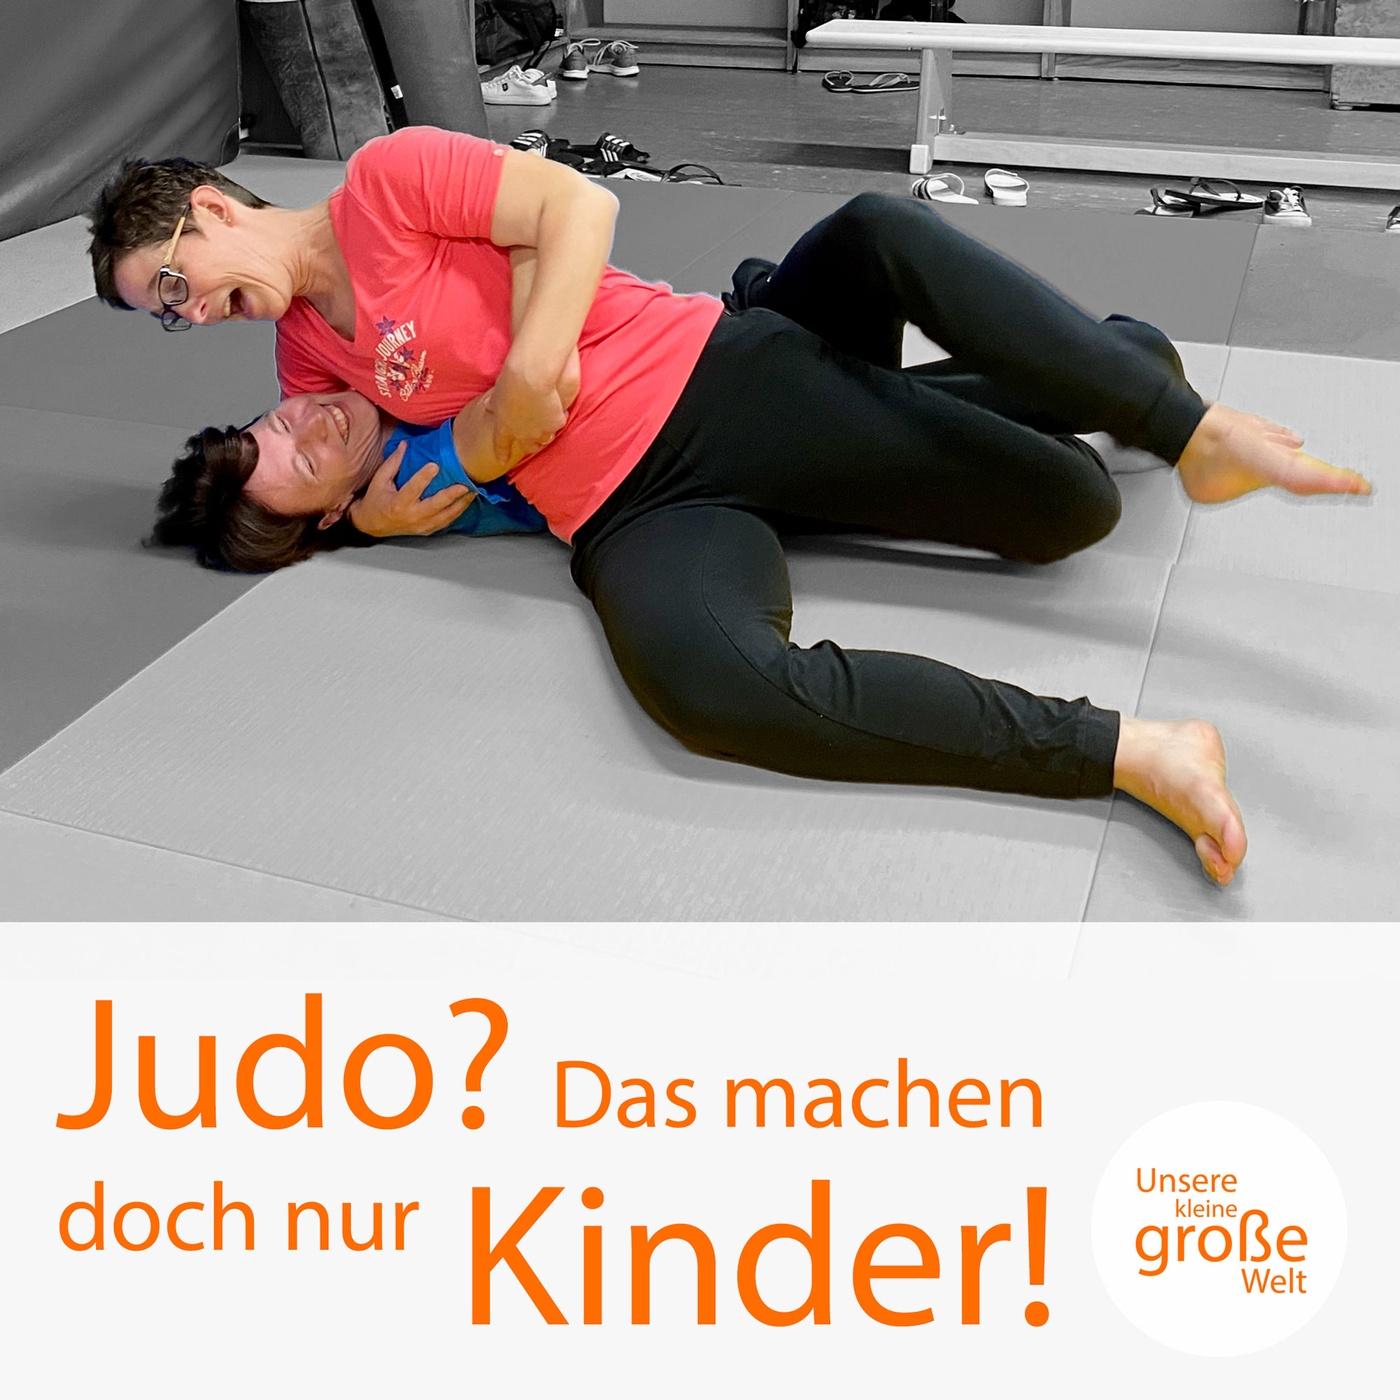 Judo? Das machen doch nur Kinder!